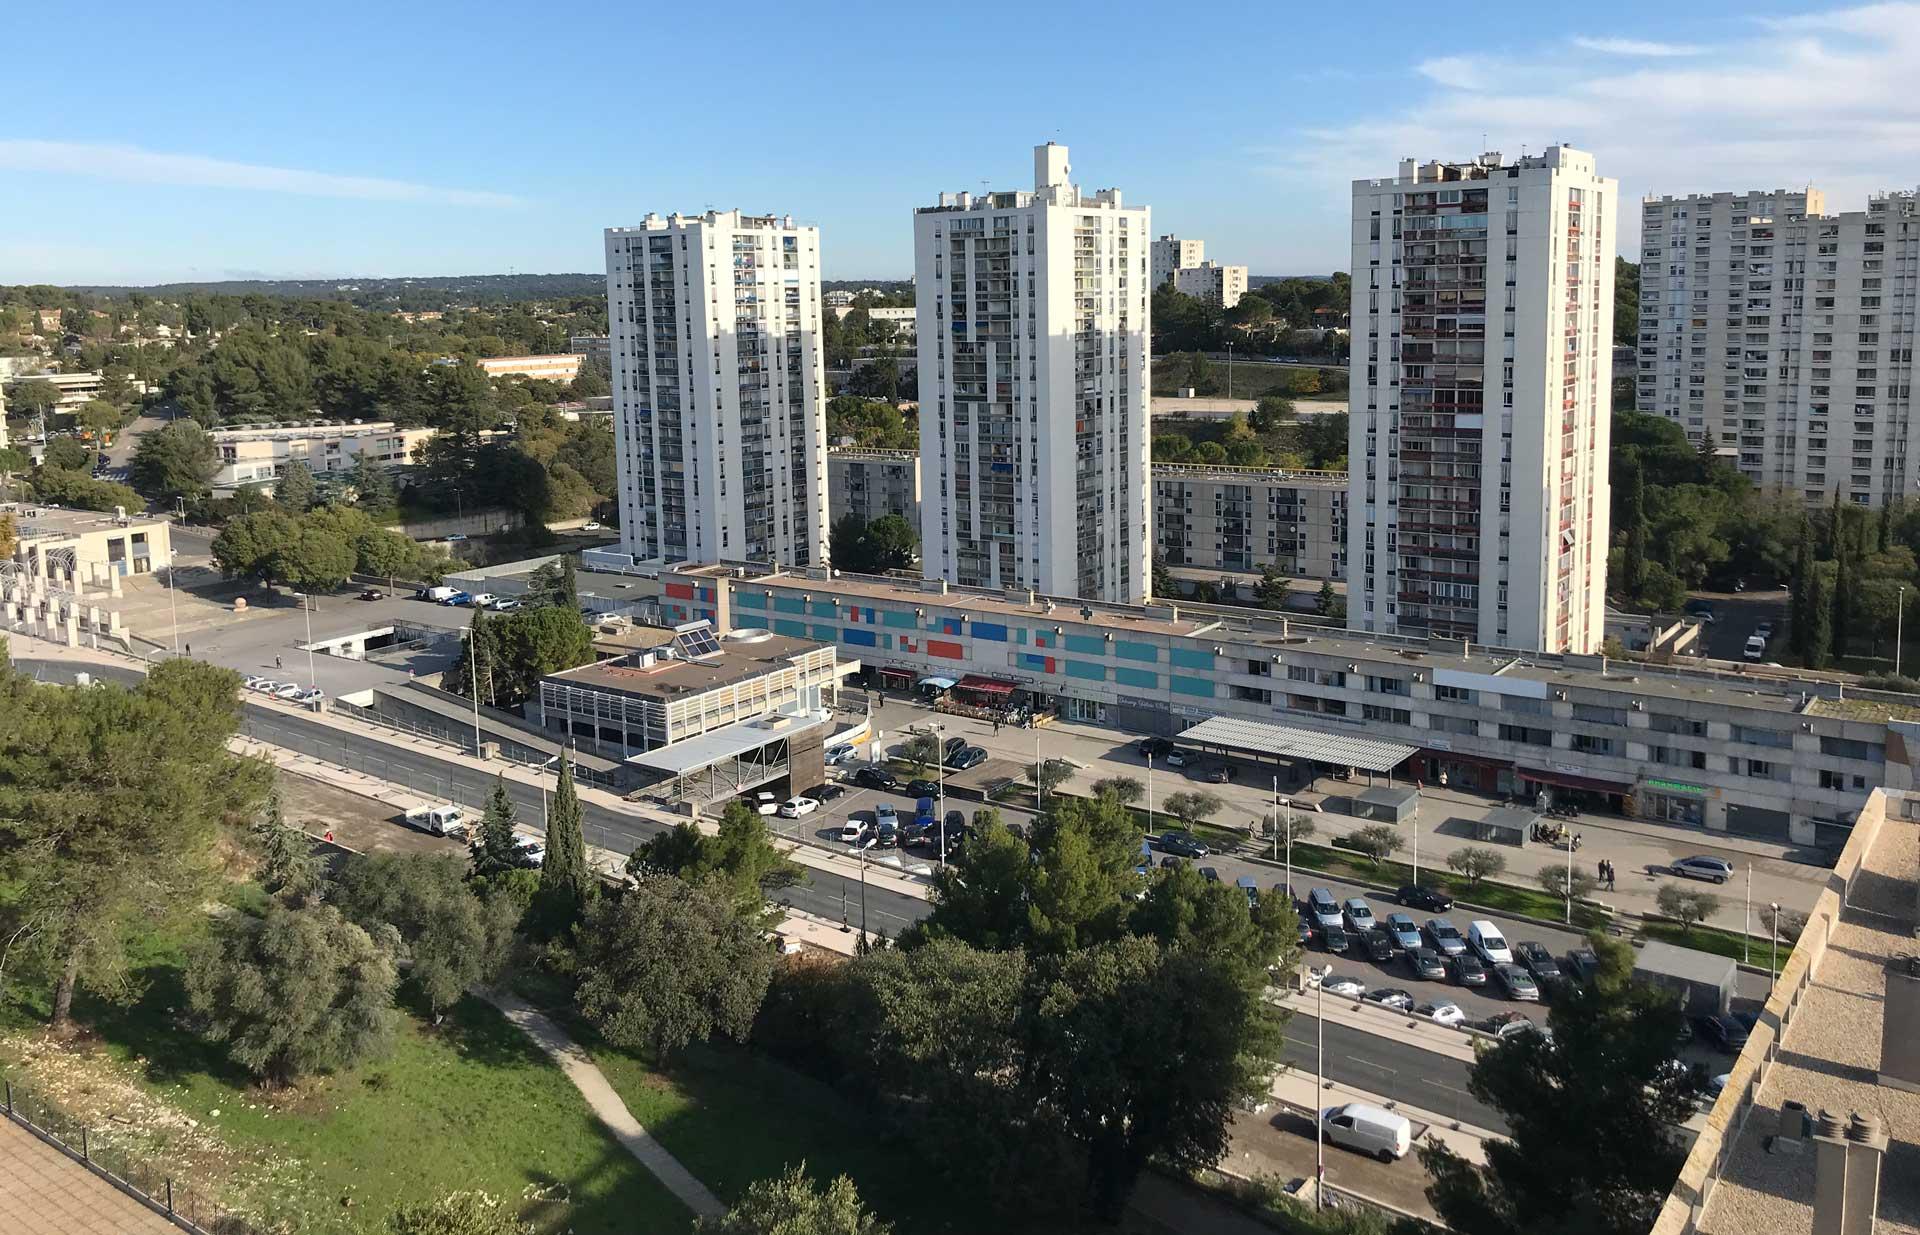 H4 Immobilier - Syndic de copropriété, vente et location de biens immobiliers à Nîmes